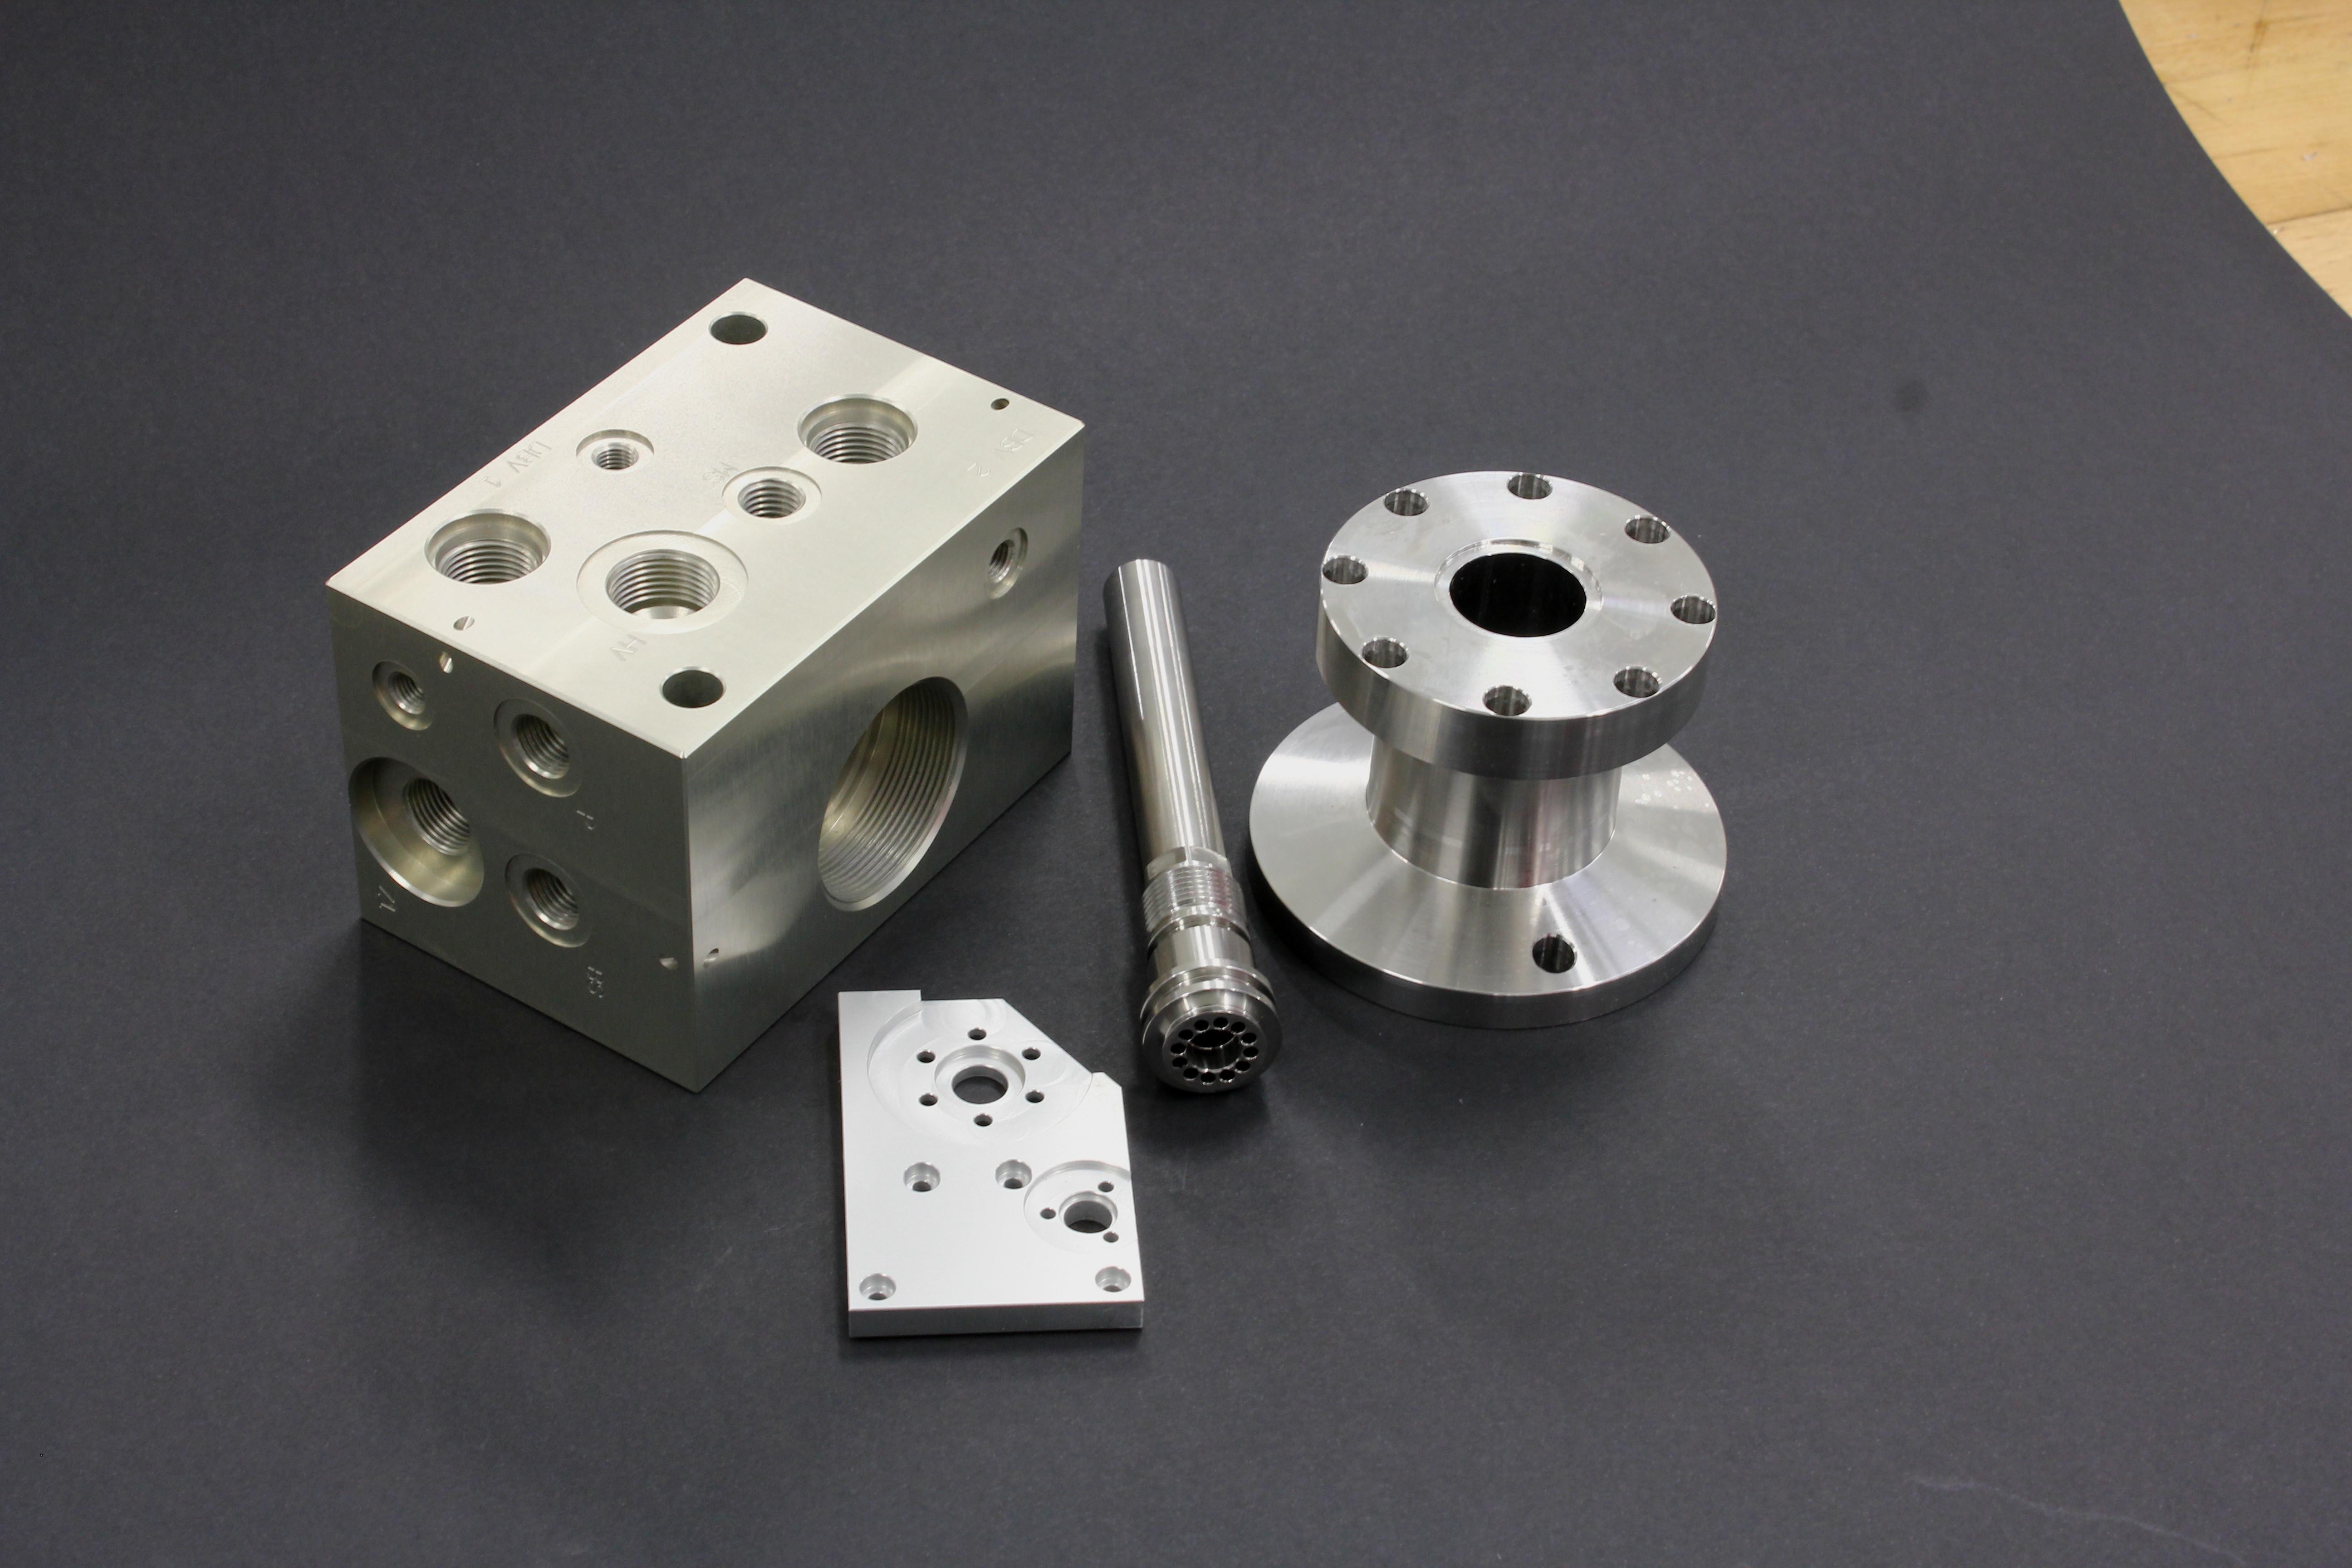 eksempler på komponenter vi udformer til vores kunder